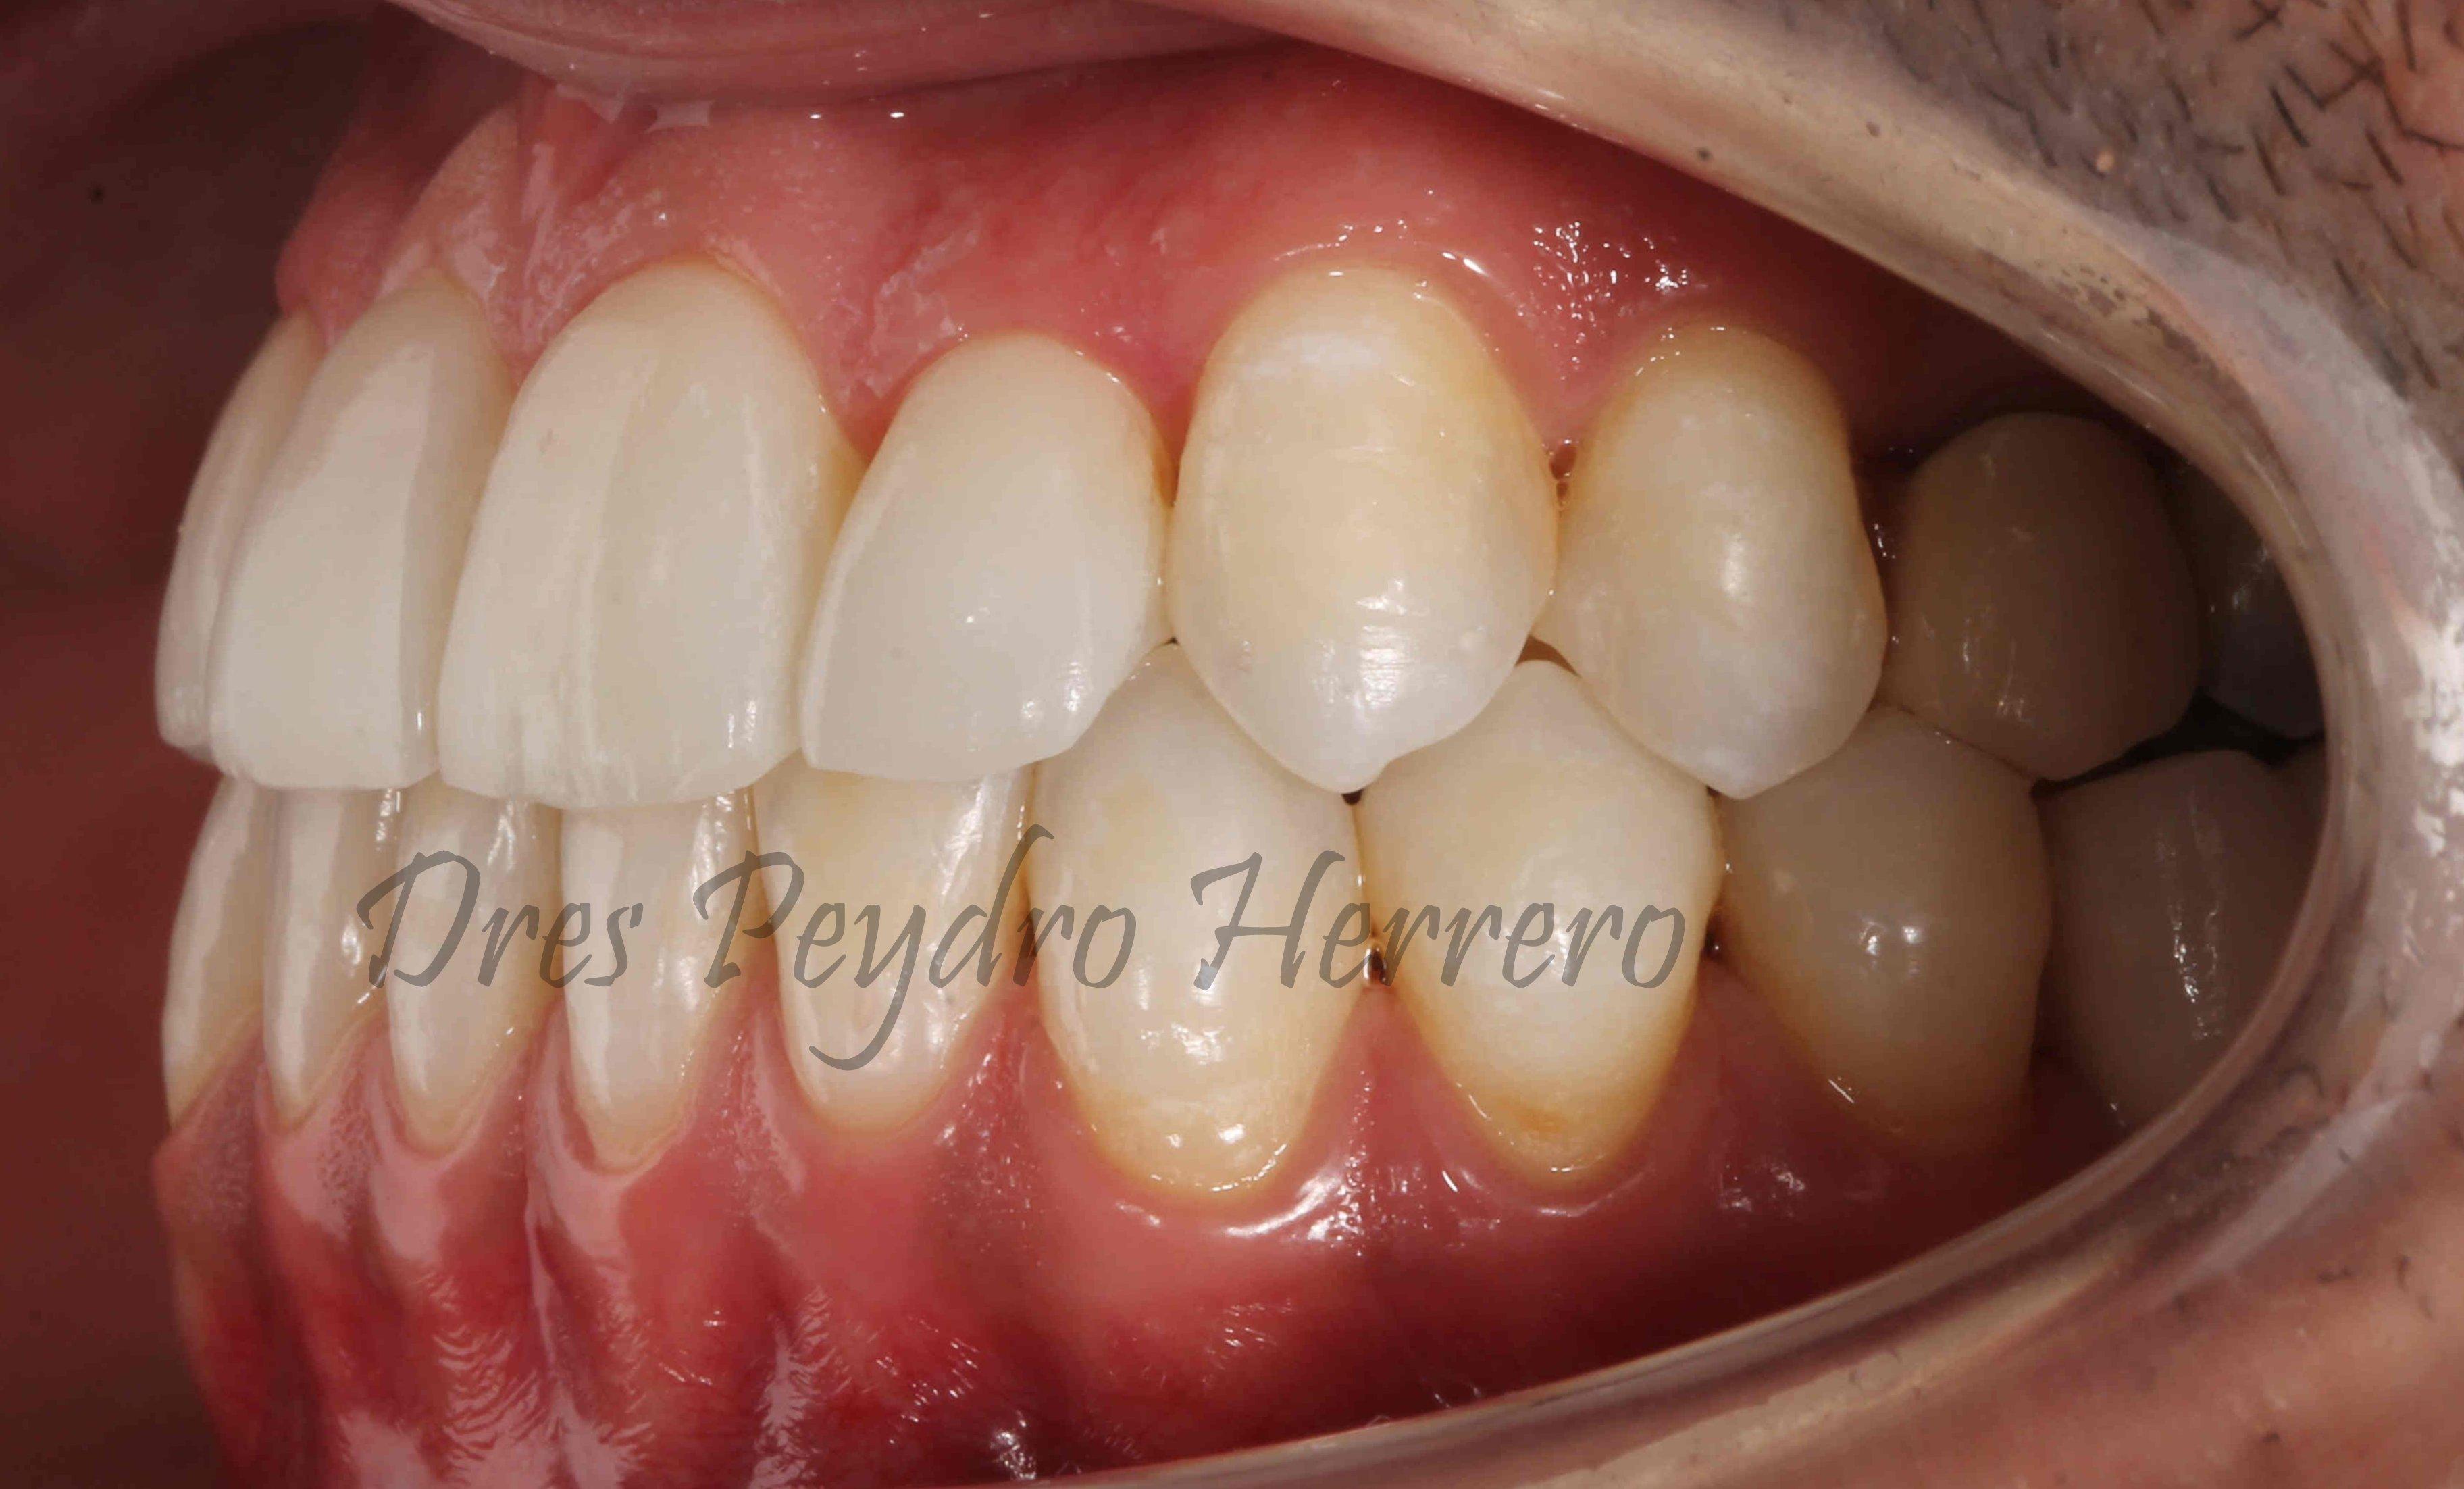 la estética dental